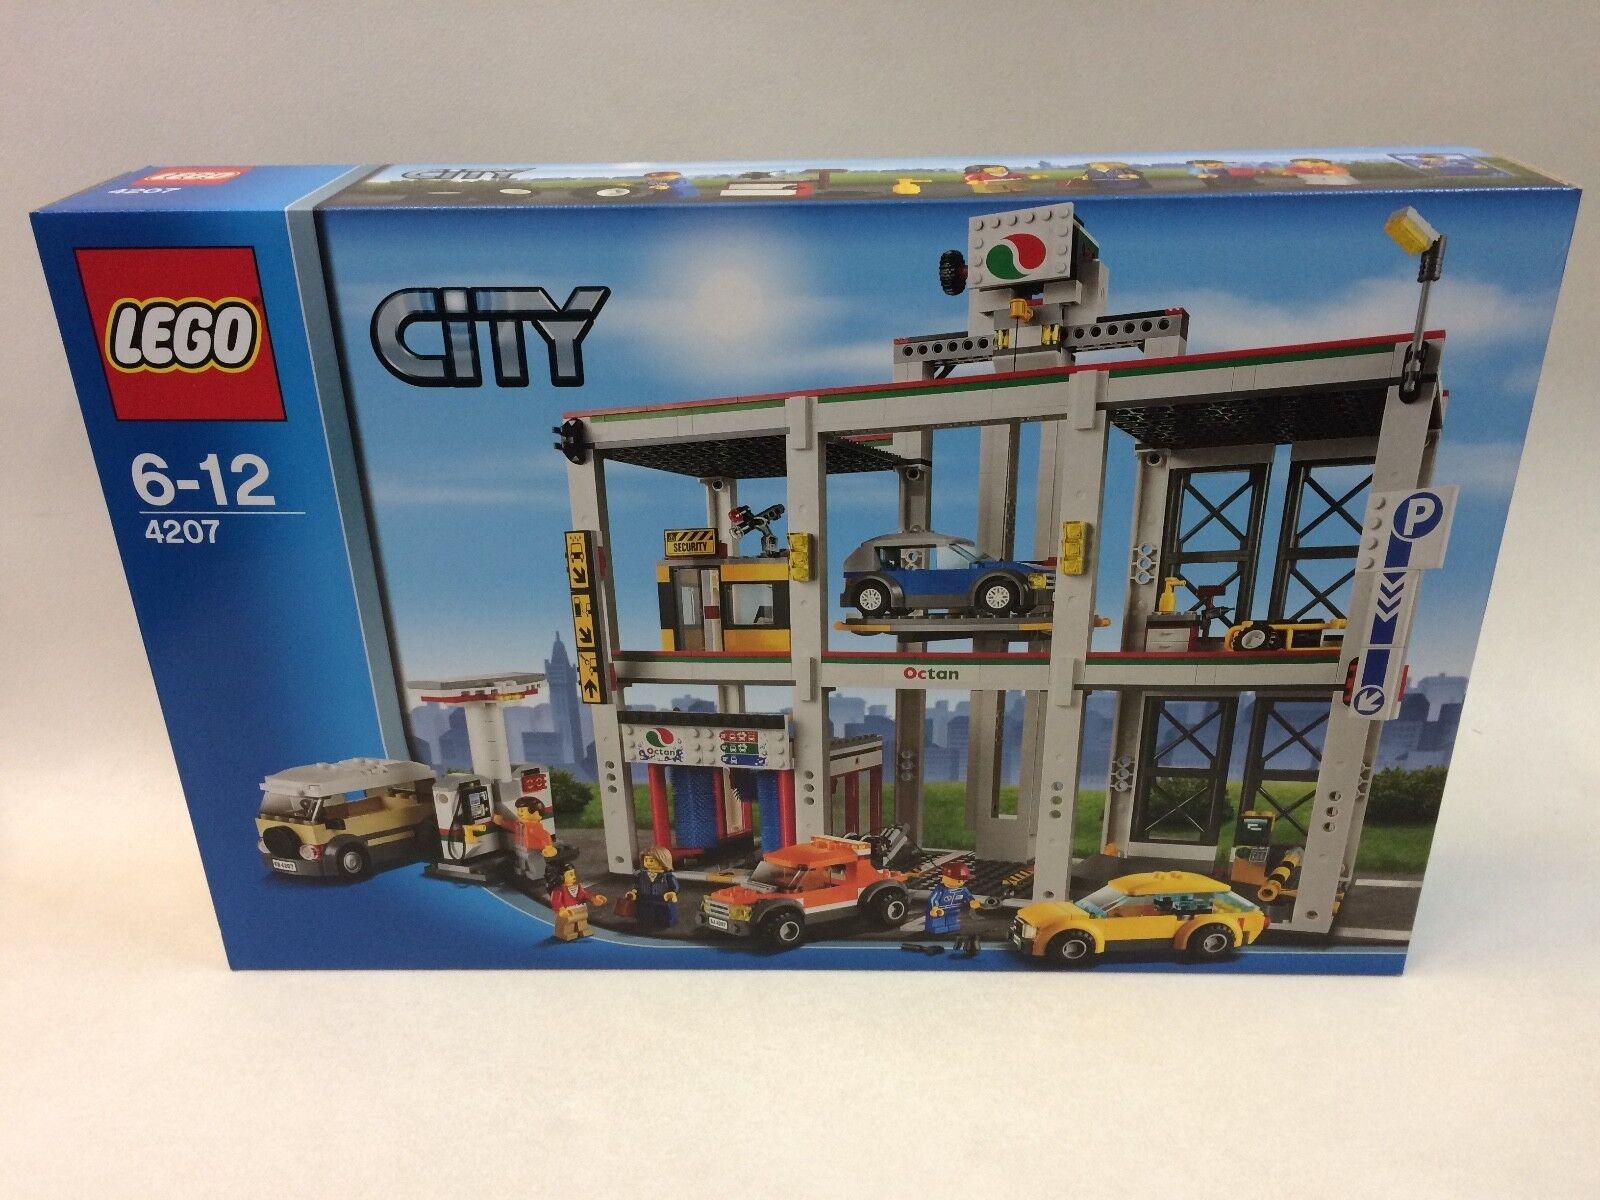 Neuf rare première édition LEGO City Garage 4207 retiRouge  2012 interrompu Set | Nombreux Dans La Variété